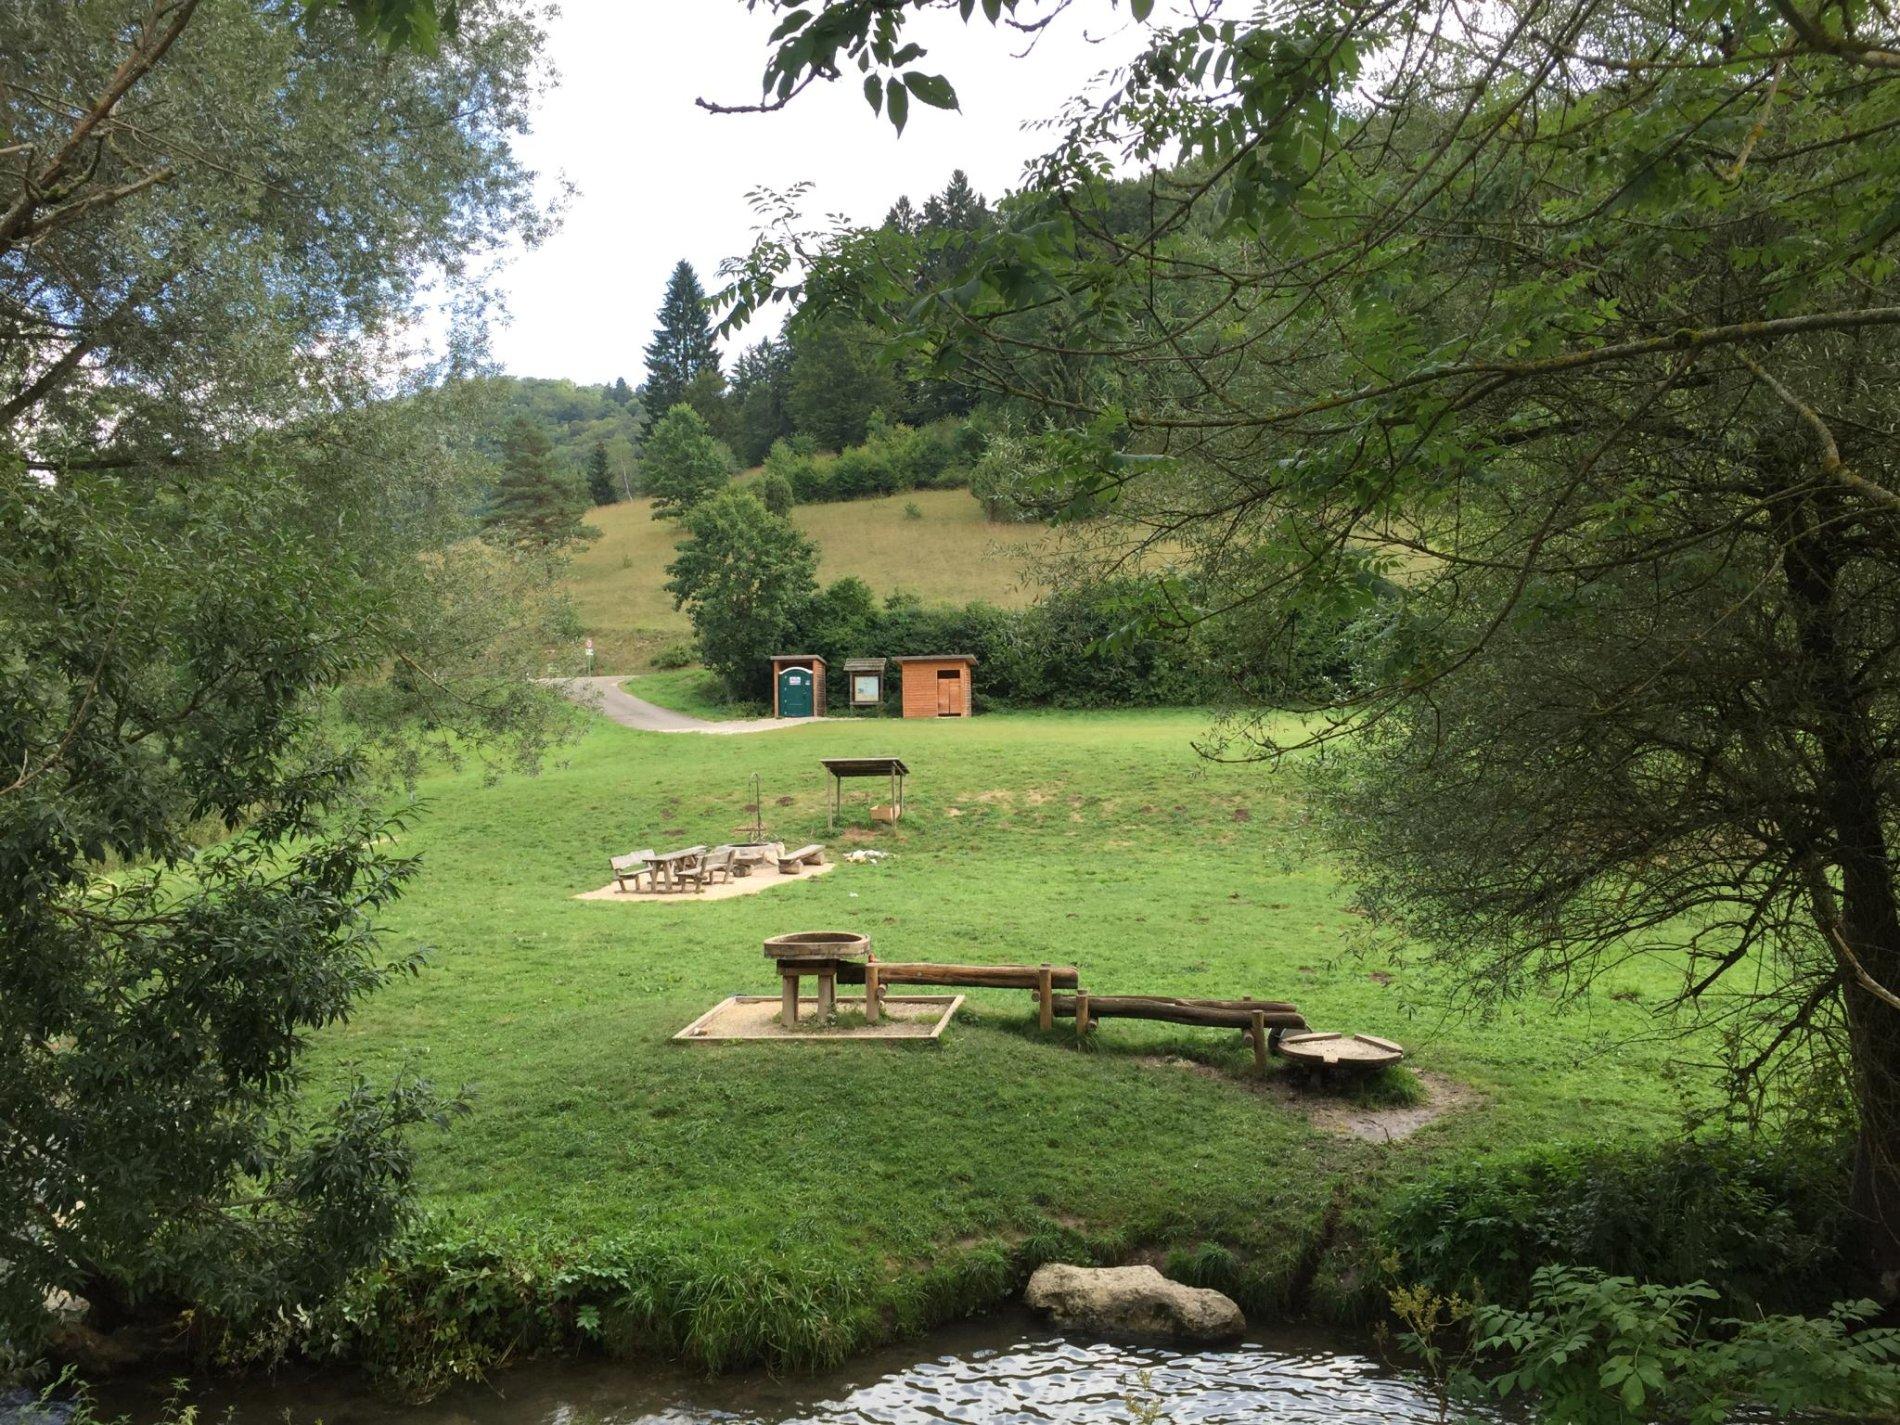 Eine Liegewiese direkt an einem Fluß mit Bäumen, eine Grillstelle und WC Häuschen